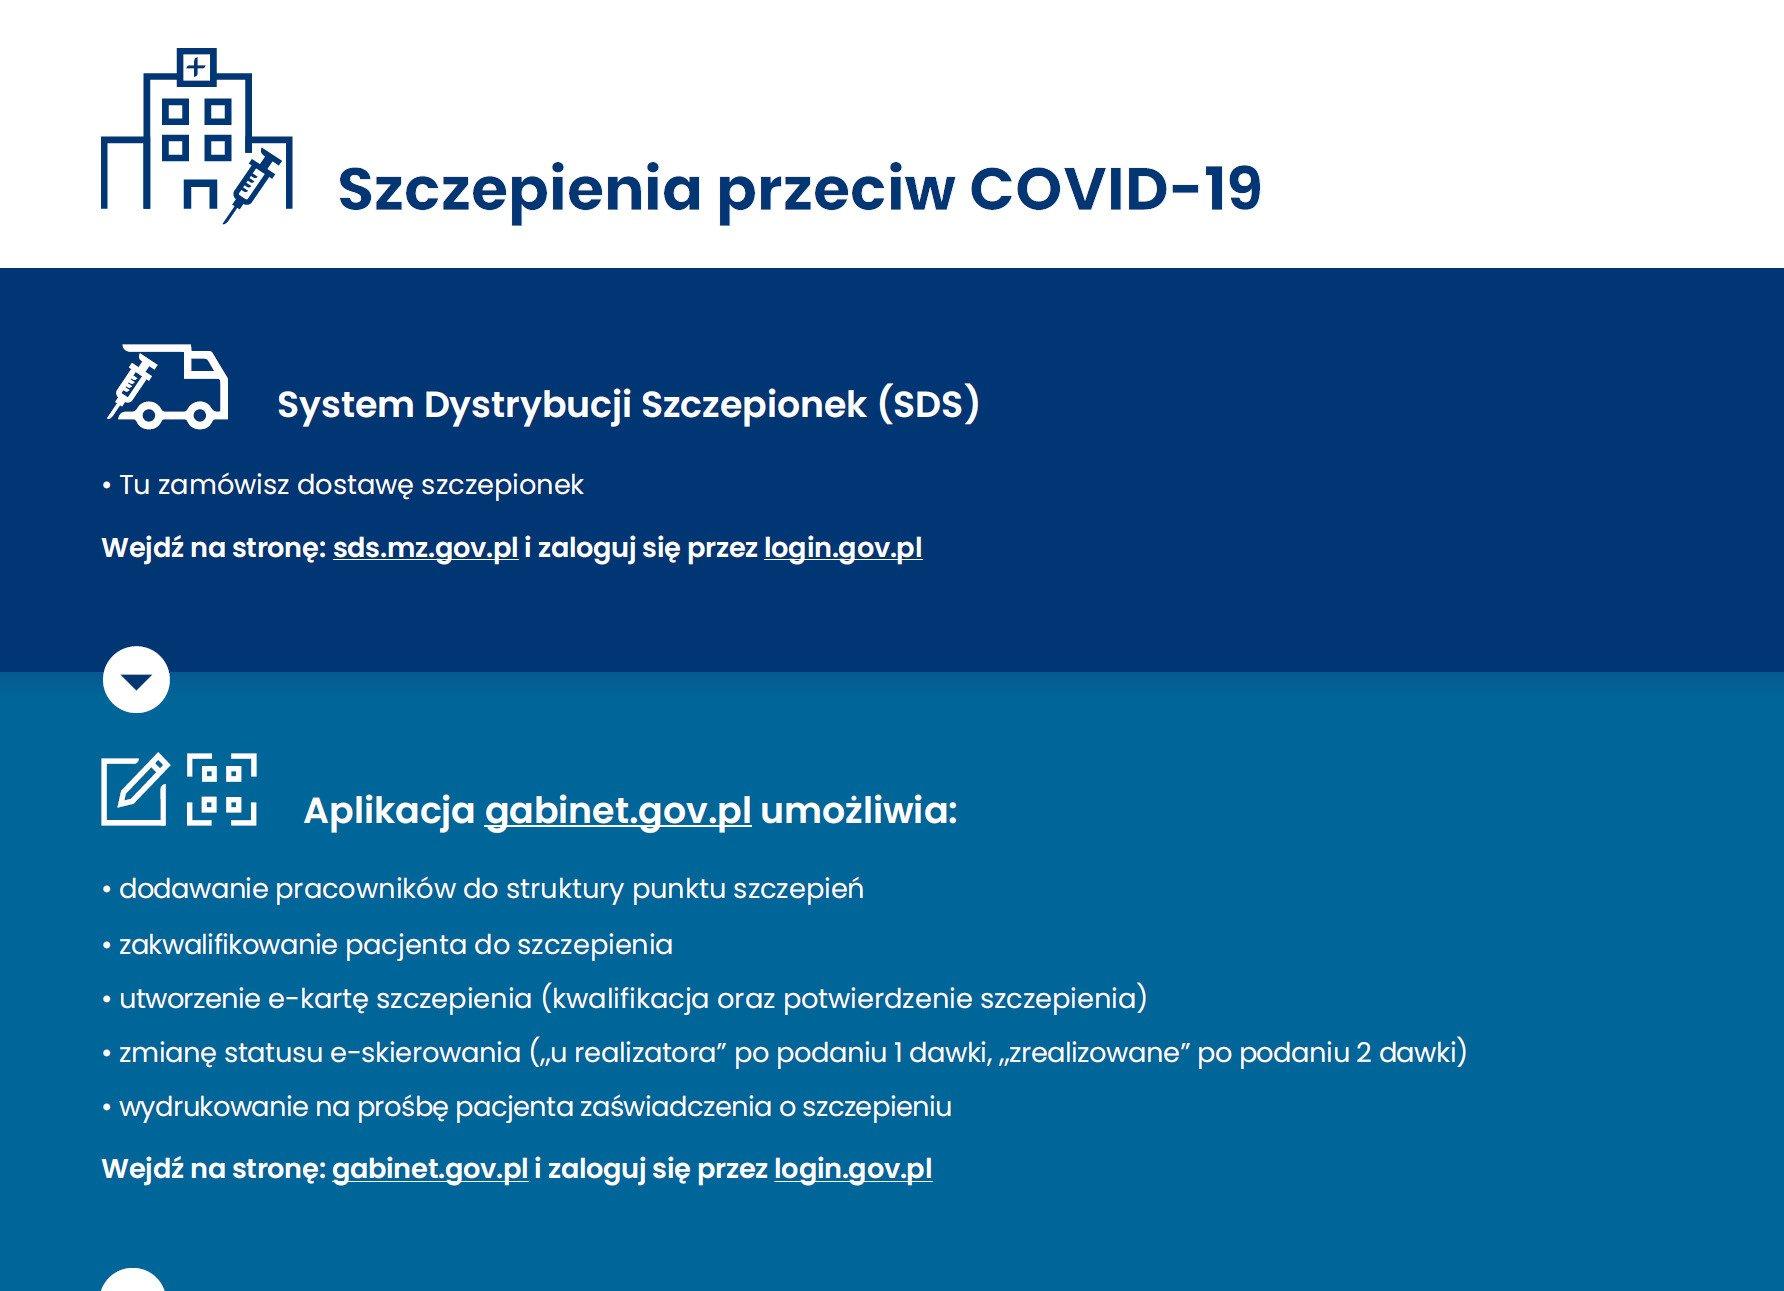 Zgłoszenia aptek do NPS, obsługa SDS, e-rejestracja, gabinet.gov.pl